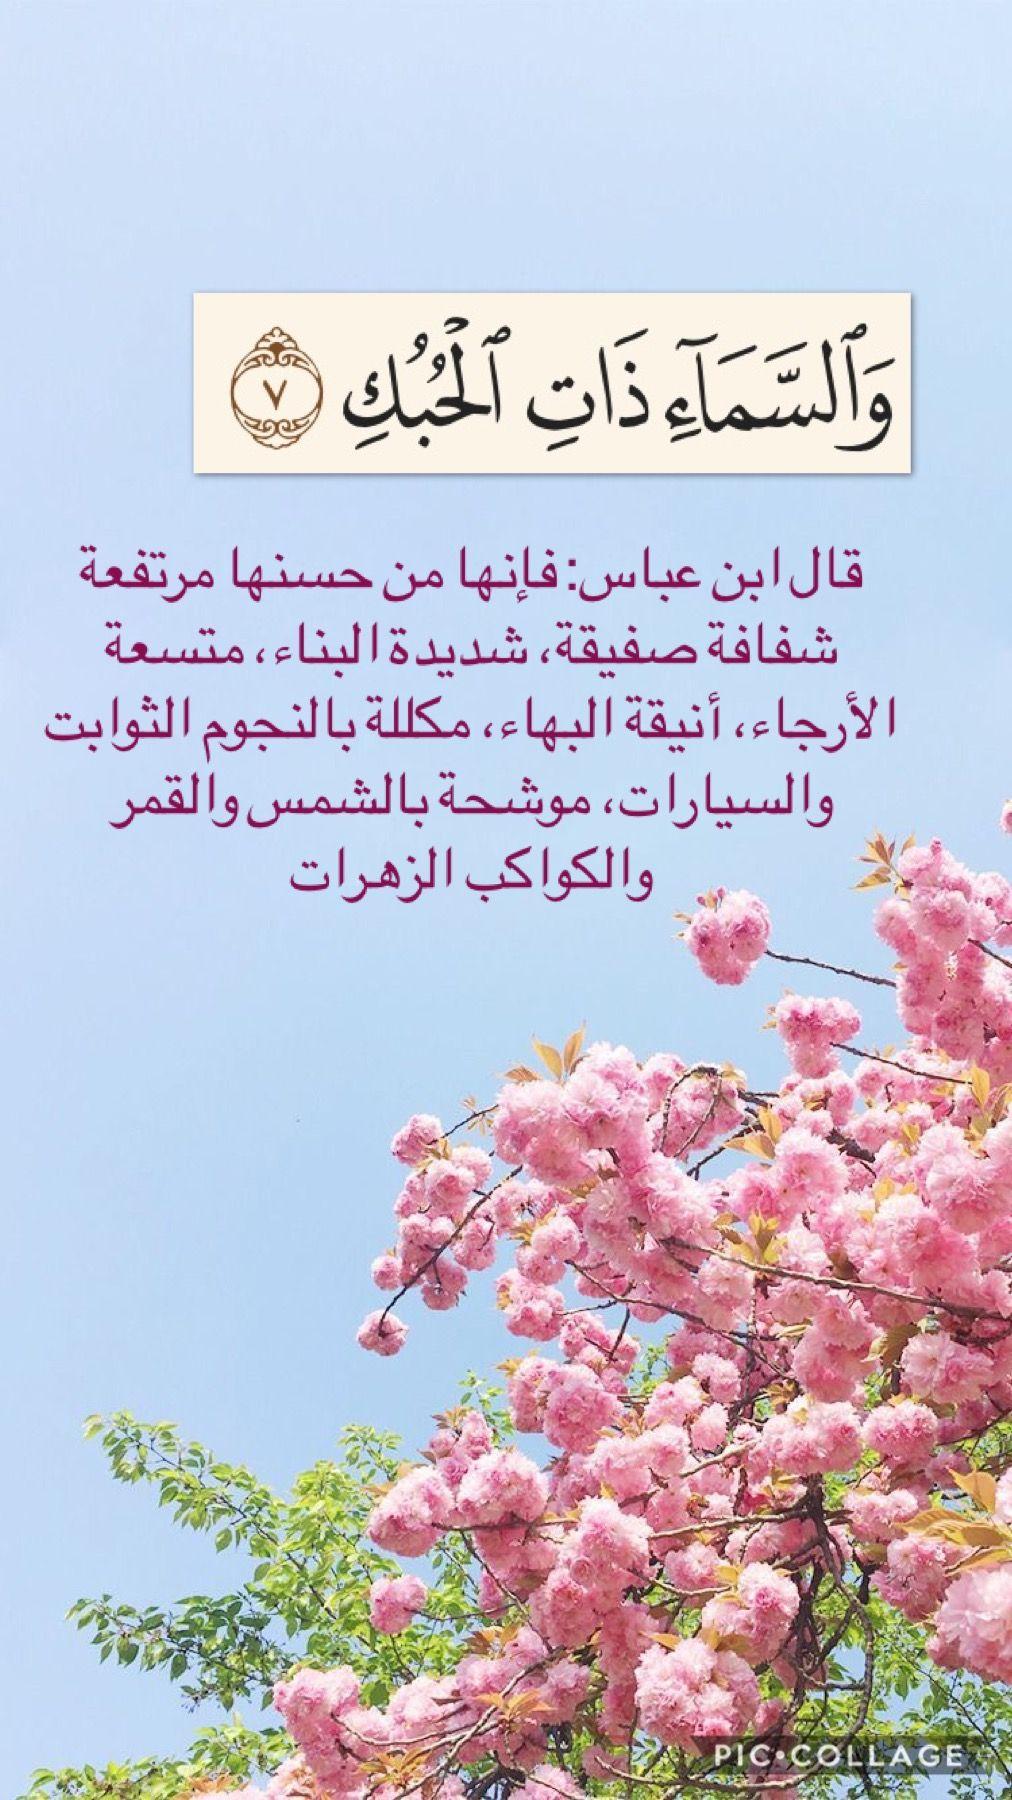 و الس ماء ذات الح ب ك الذاريات ٧ Quran Tafseer World Quran